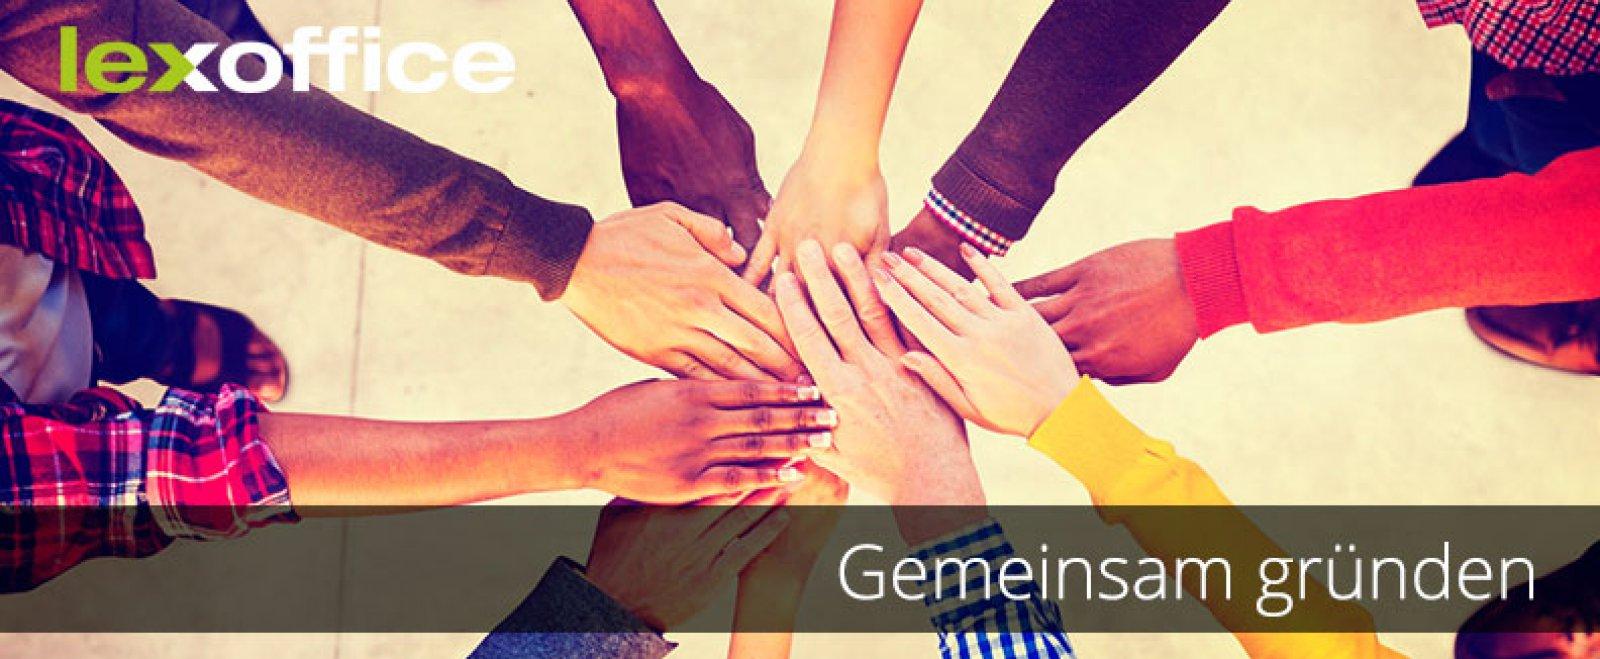 Gemeinsam gründen: Vor- und Nachteile einer Gründung mit Freunden